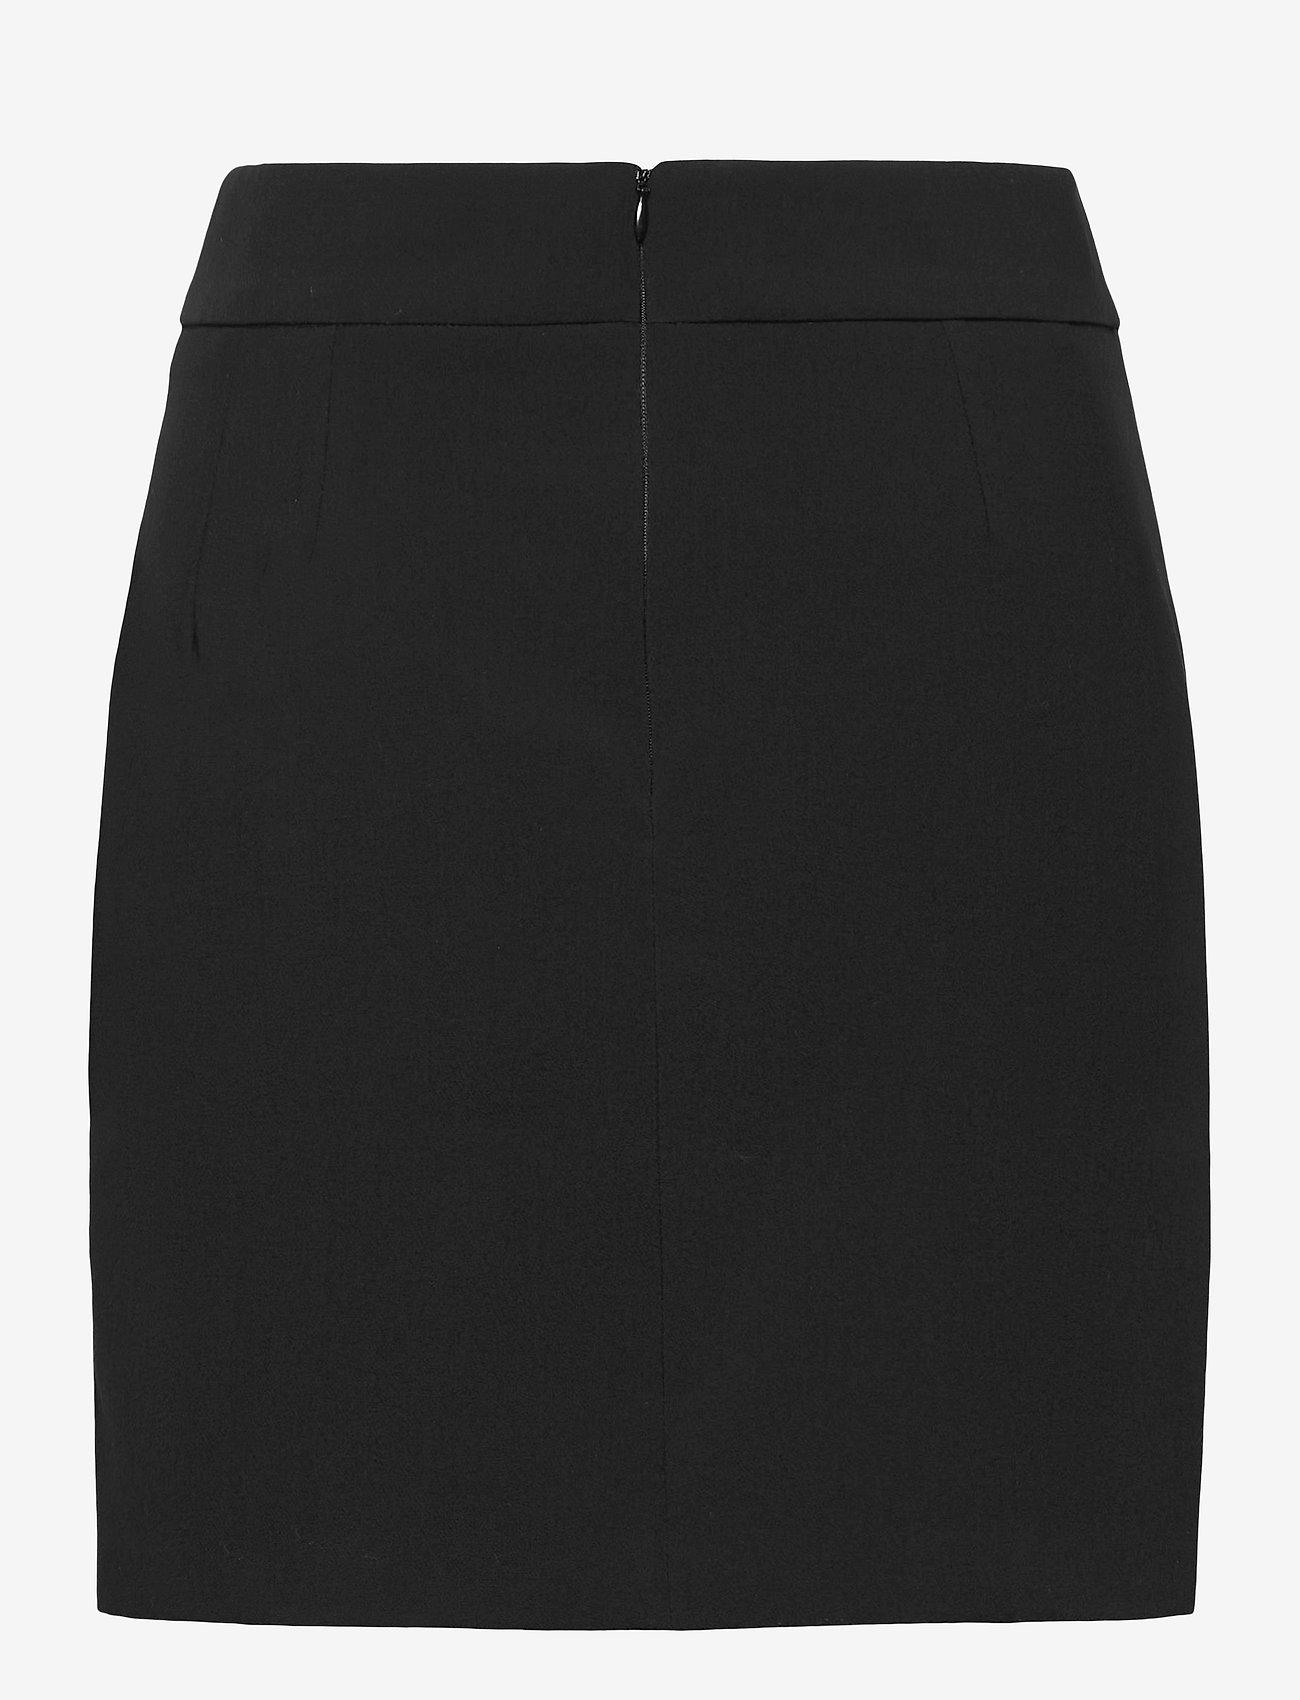 GUESS Jeans - SARINA SKIRT - midi kjolar - jet black a996 - 1